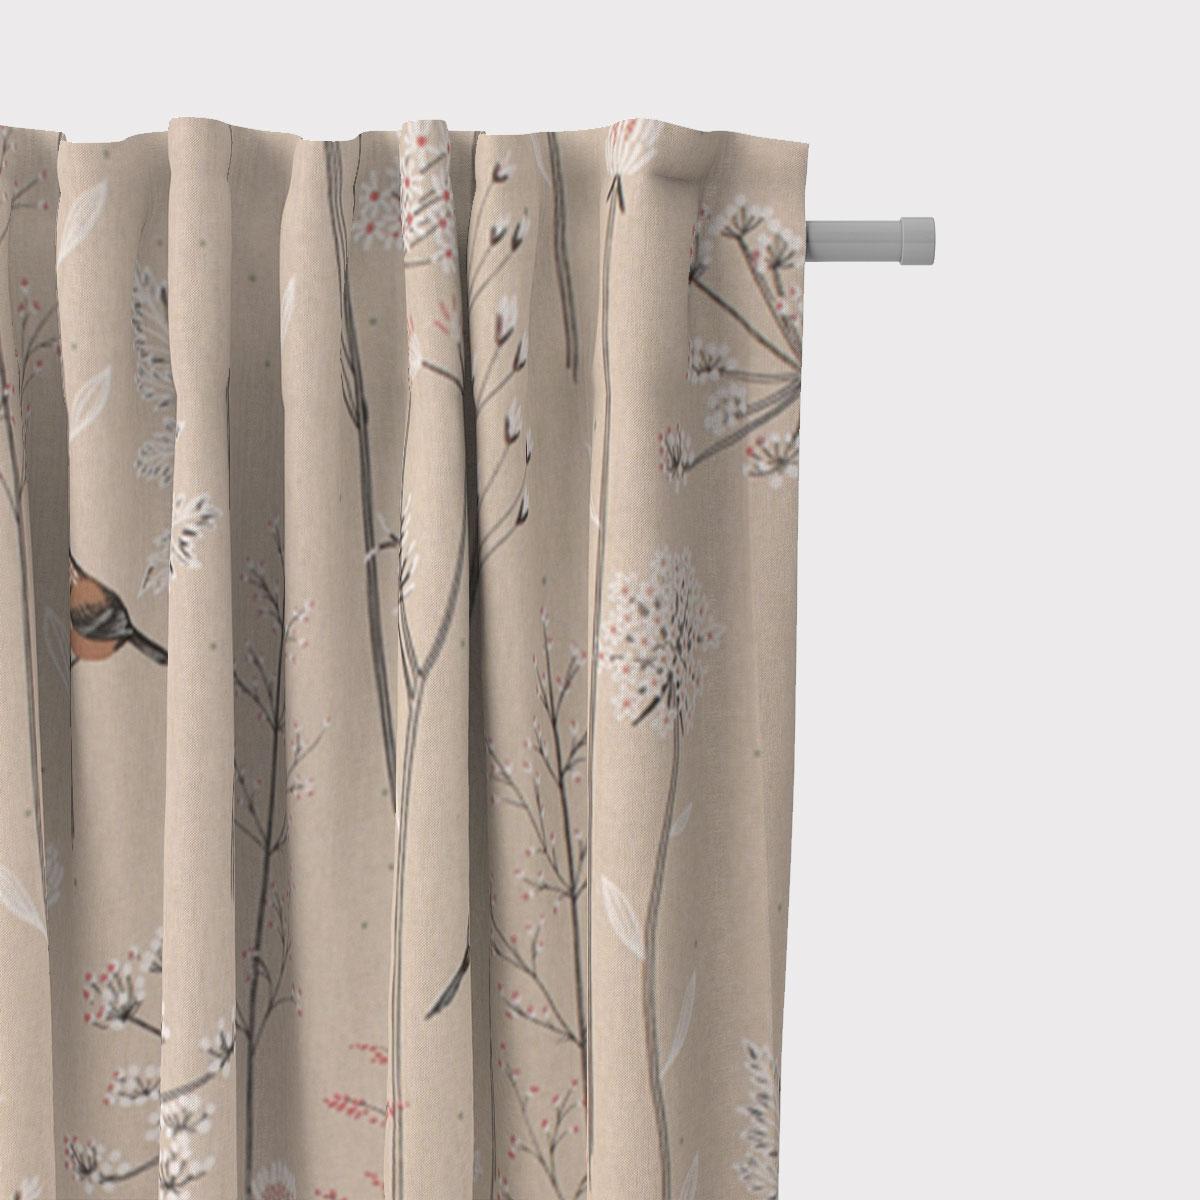 SCHÖNER LEBEN. Vorhang Leinenlook Soft Branch Blüten Gräser Vögel natur rosa 245cm oder Wunschlänge